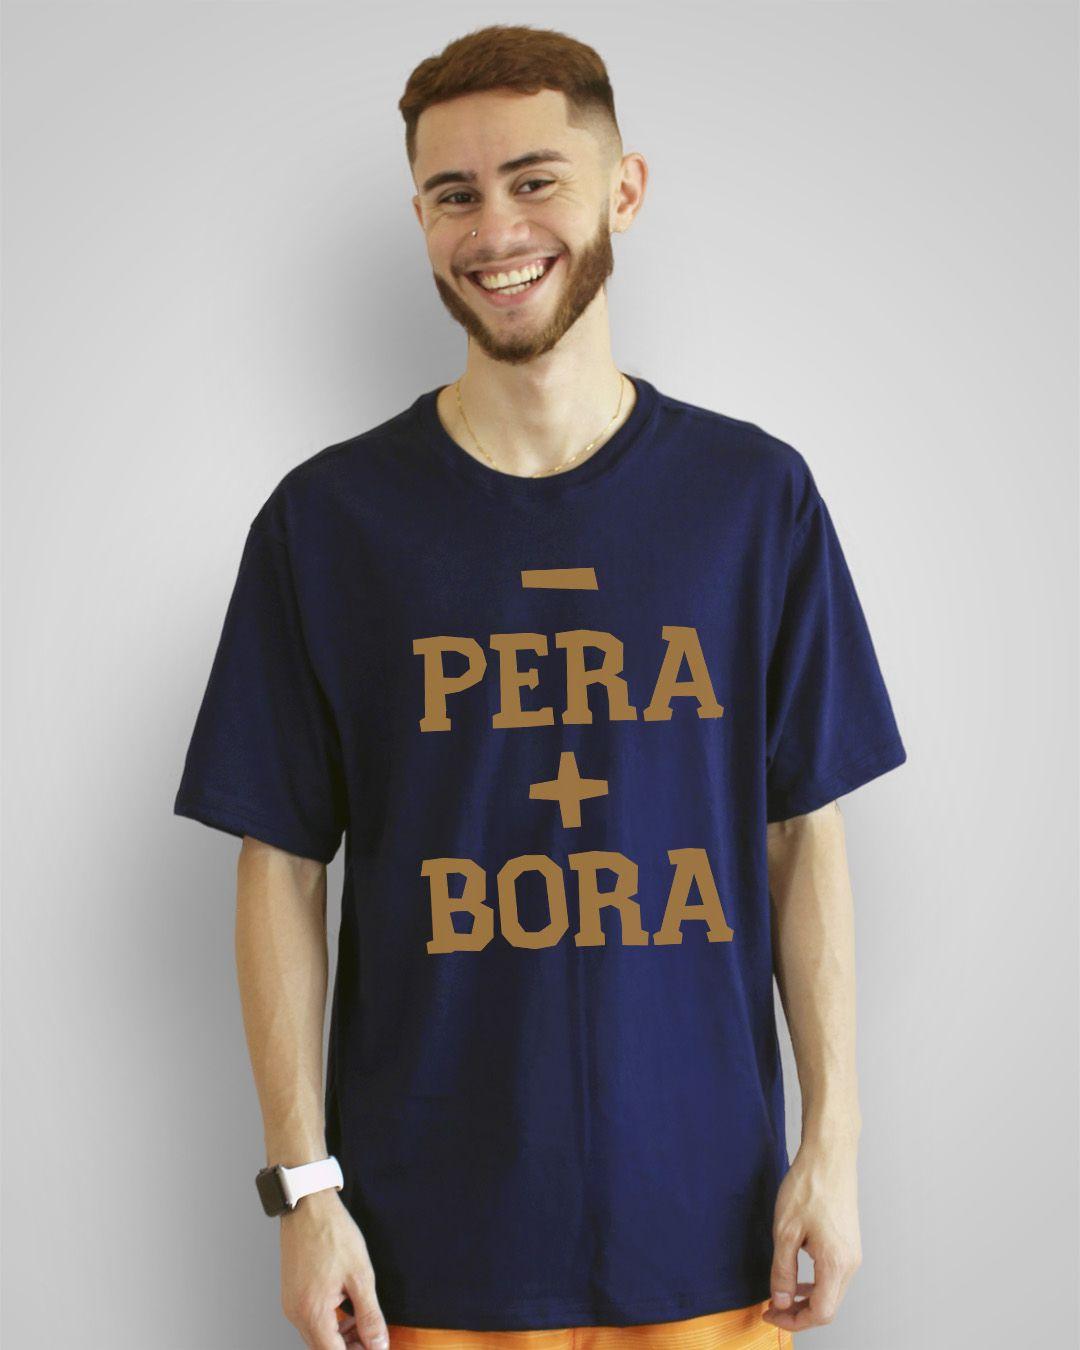 Camiseta Menos pera, mais bora